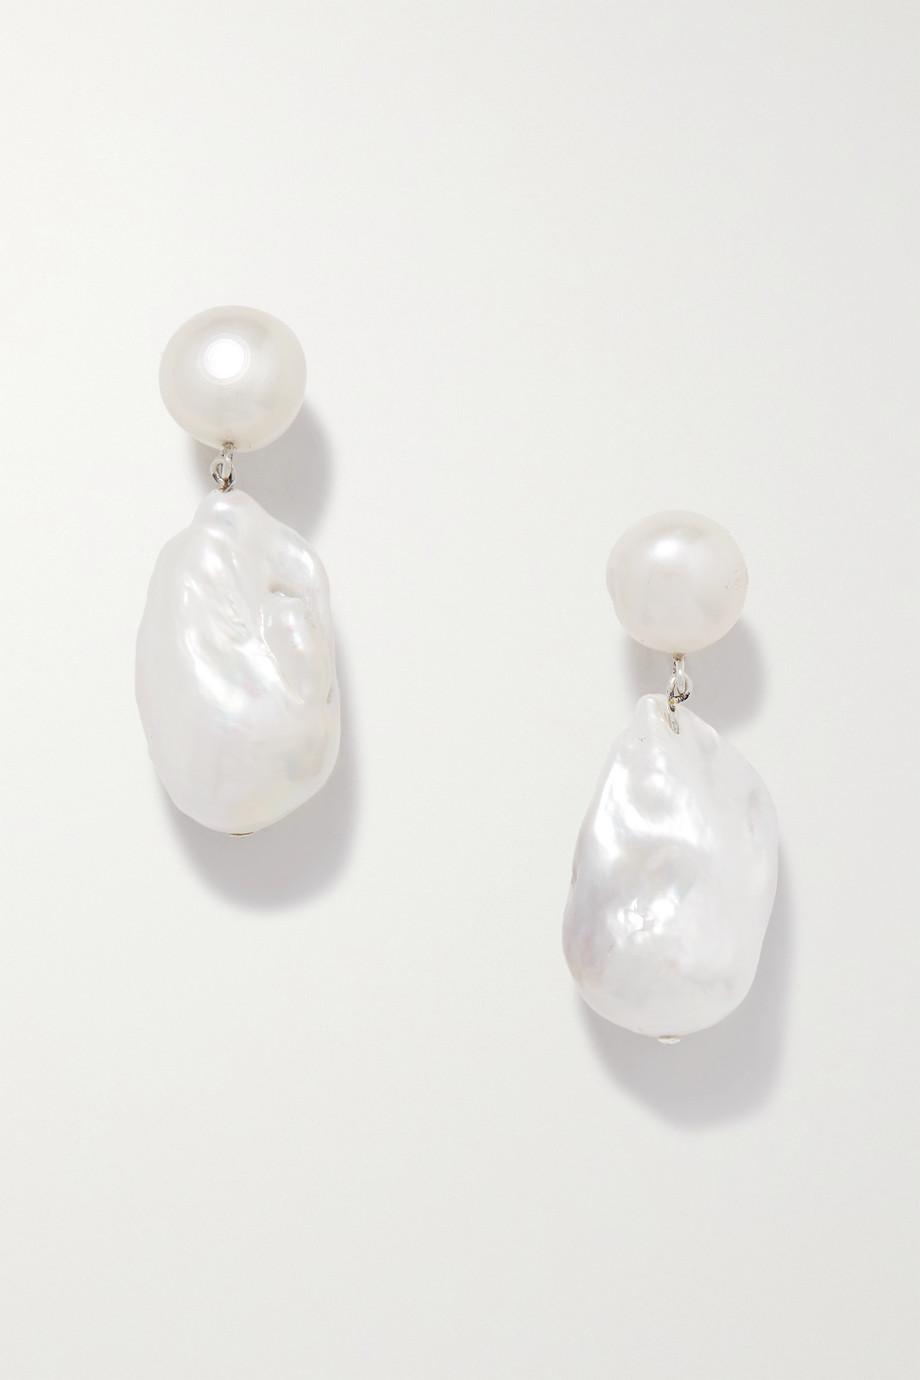 Sophie Buhai Boucles d'oreilles en argent et perles